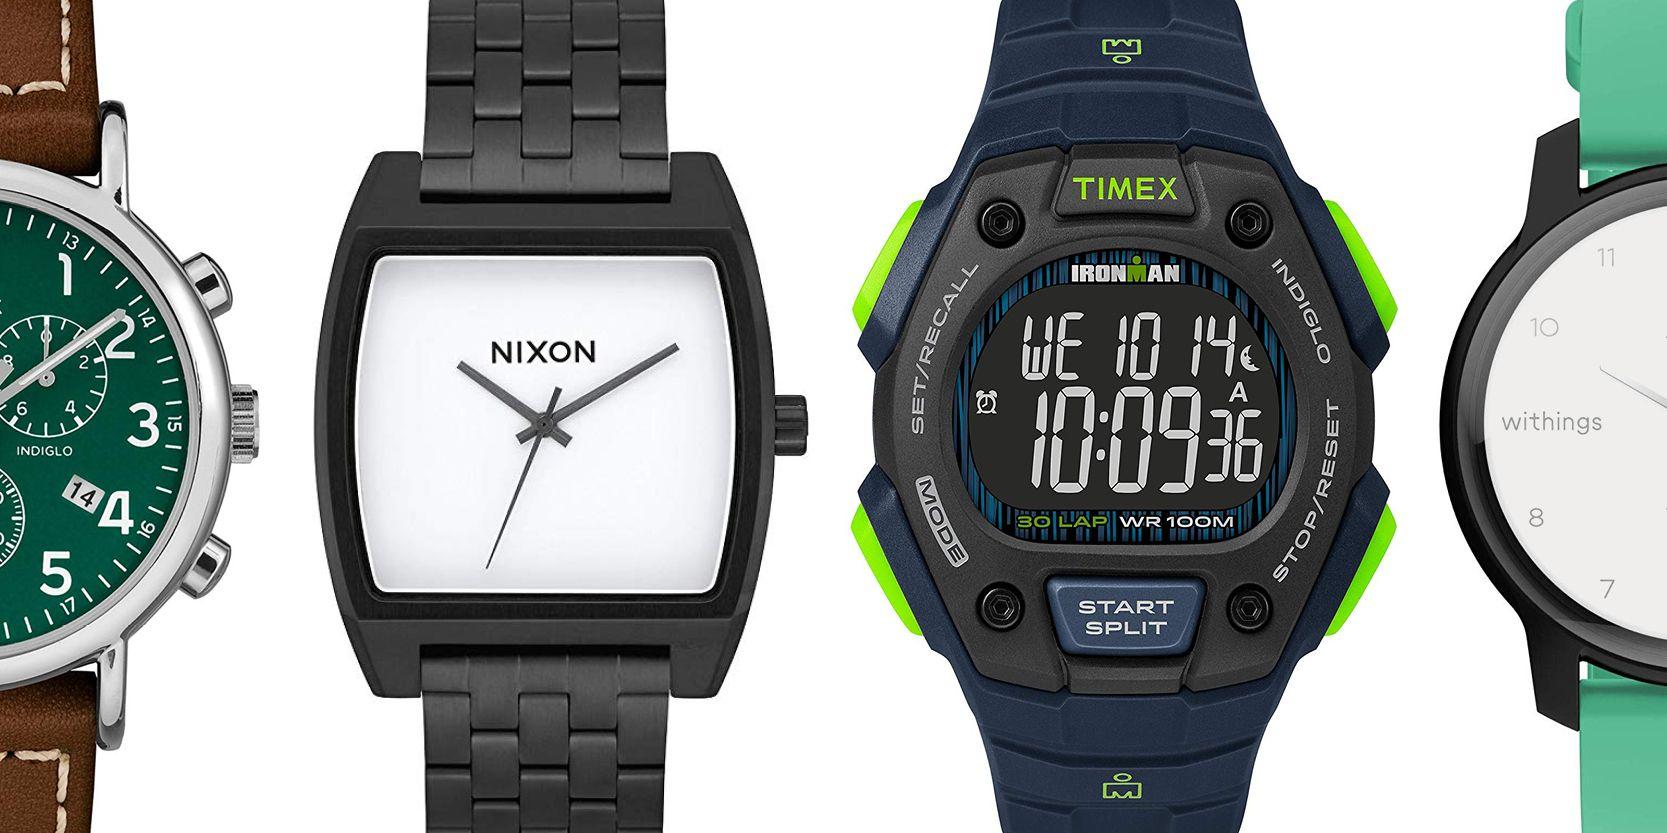 The Best Watches Under $150